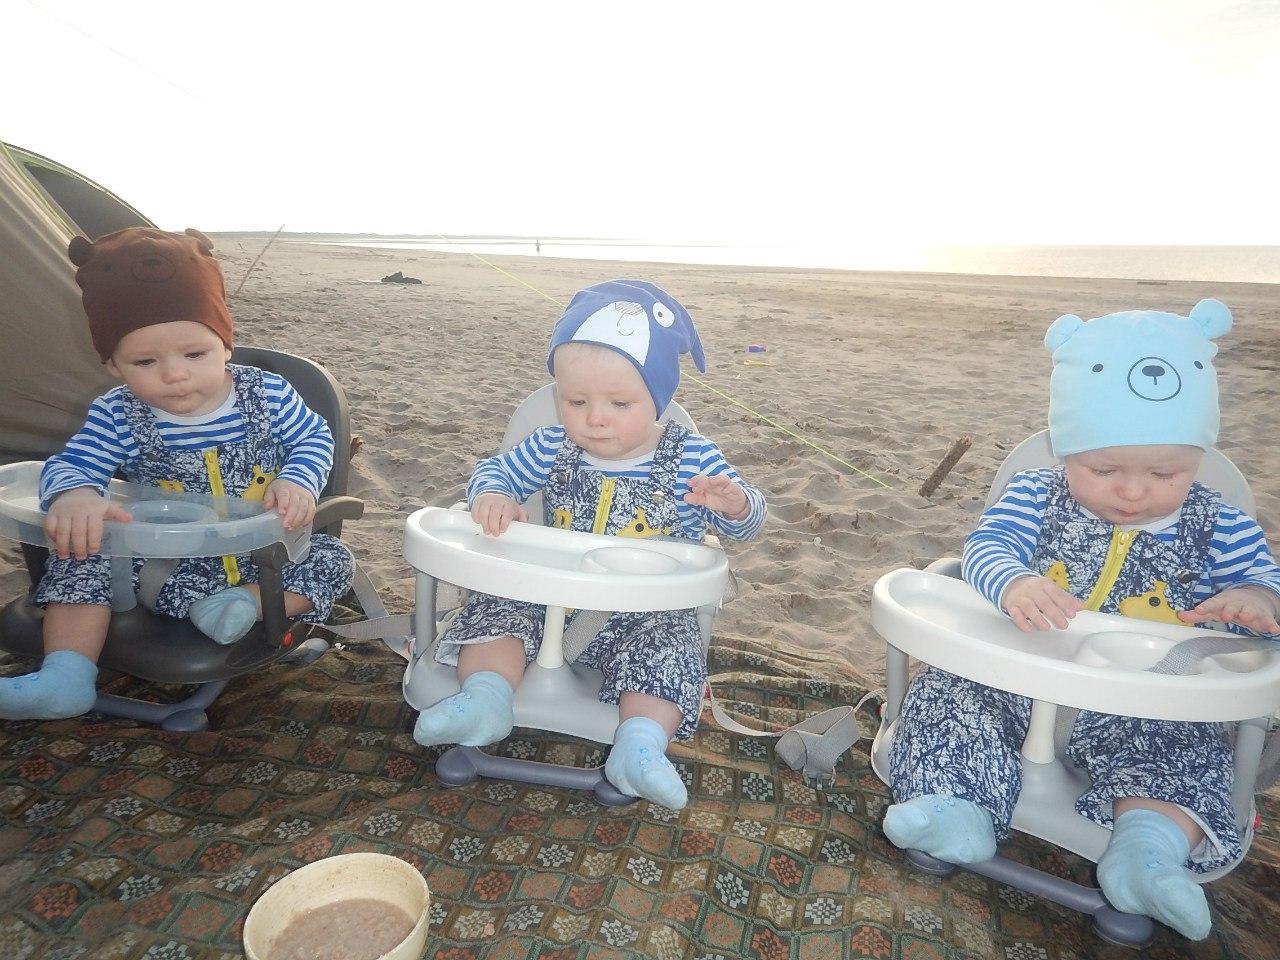 С появлением трех детей жизнь Ольги и Аркадия стала более организованной. Рецепт в трех ингредиентах — режим преодоления лени, планирование и юмор